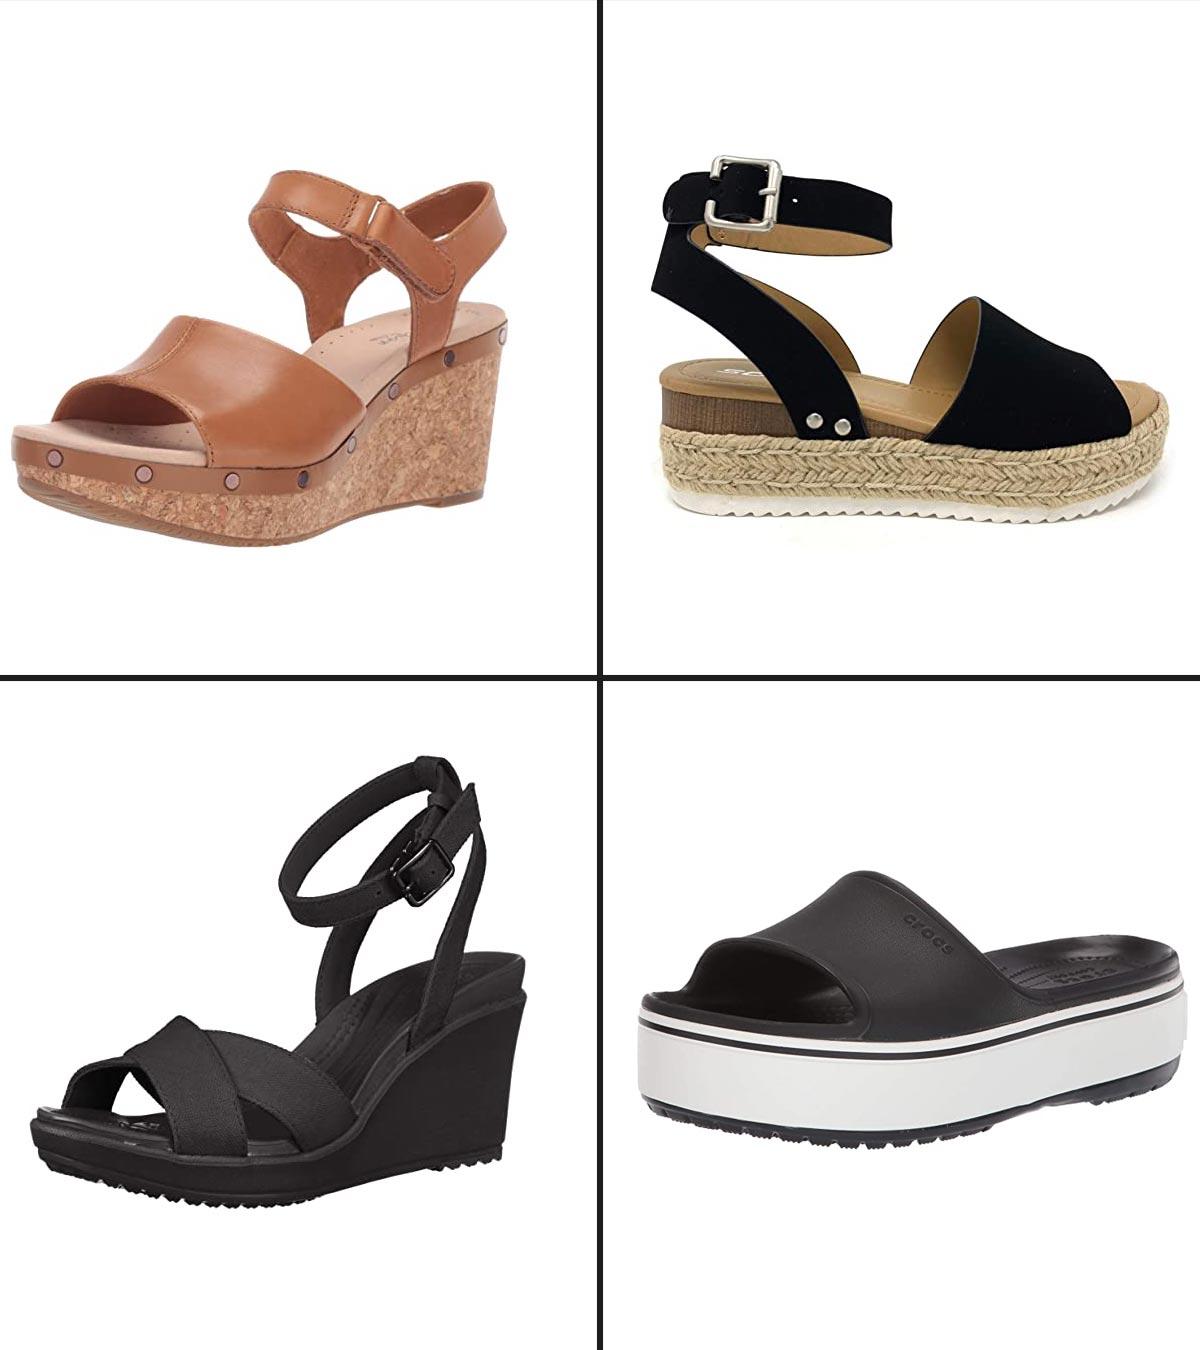 13 Best Platform Sandals for Women In 2020